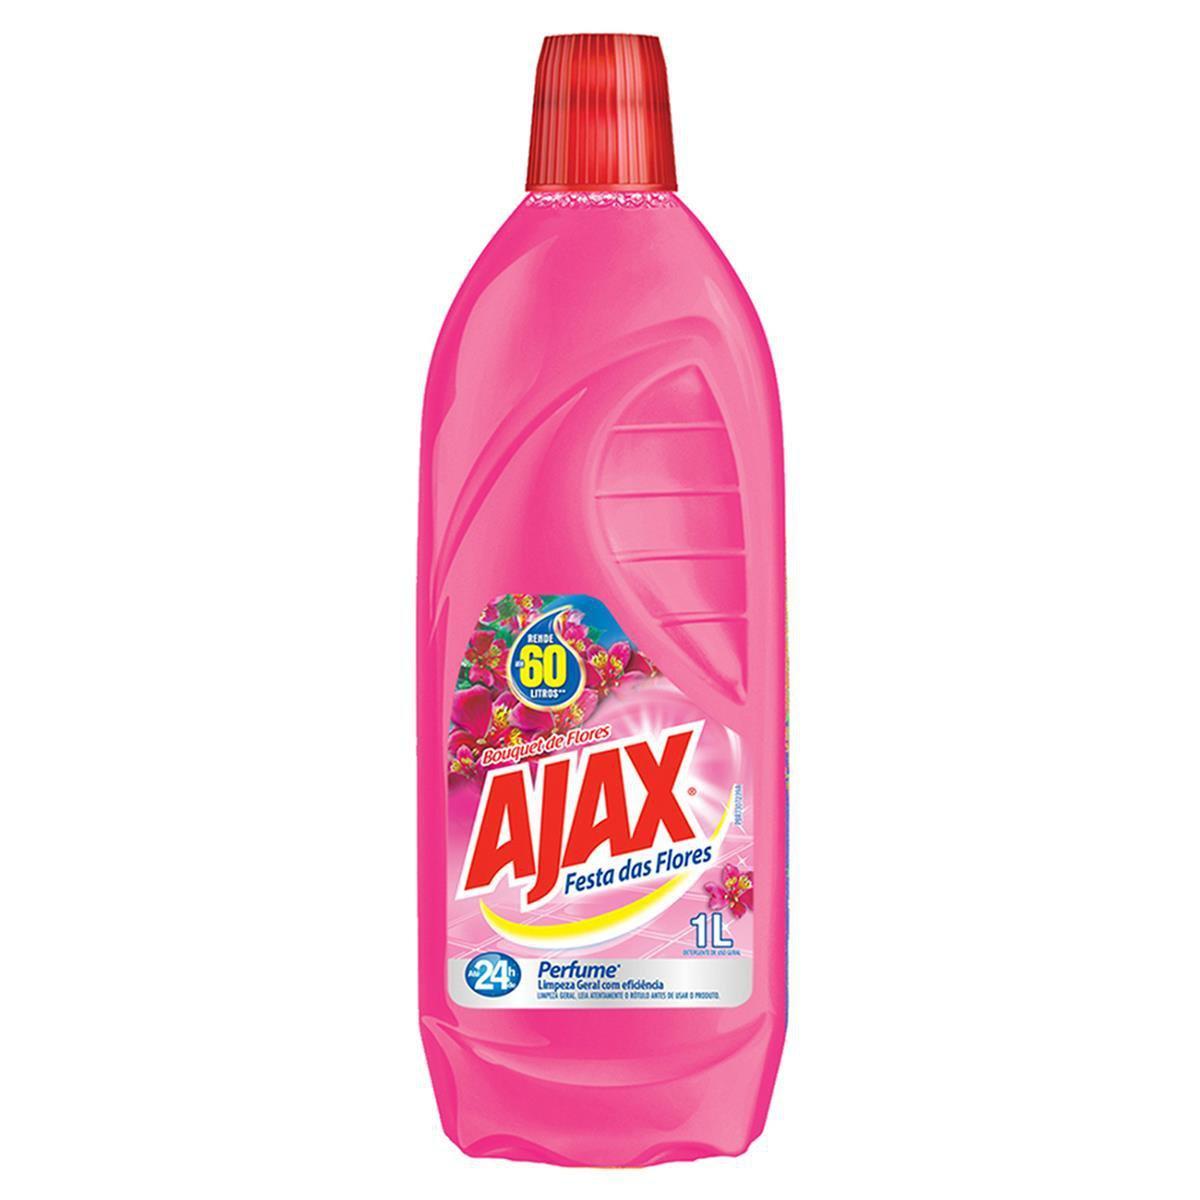 AJAX PERF BOUQ FLORES 1X1L(12)